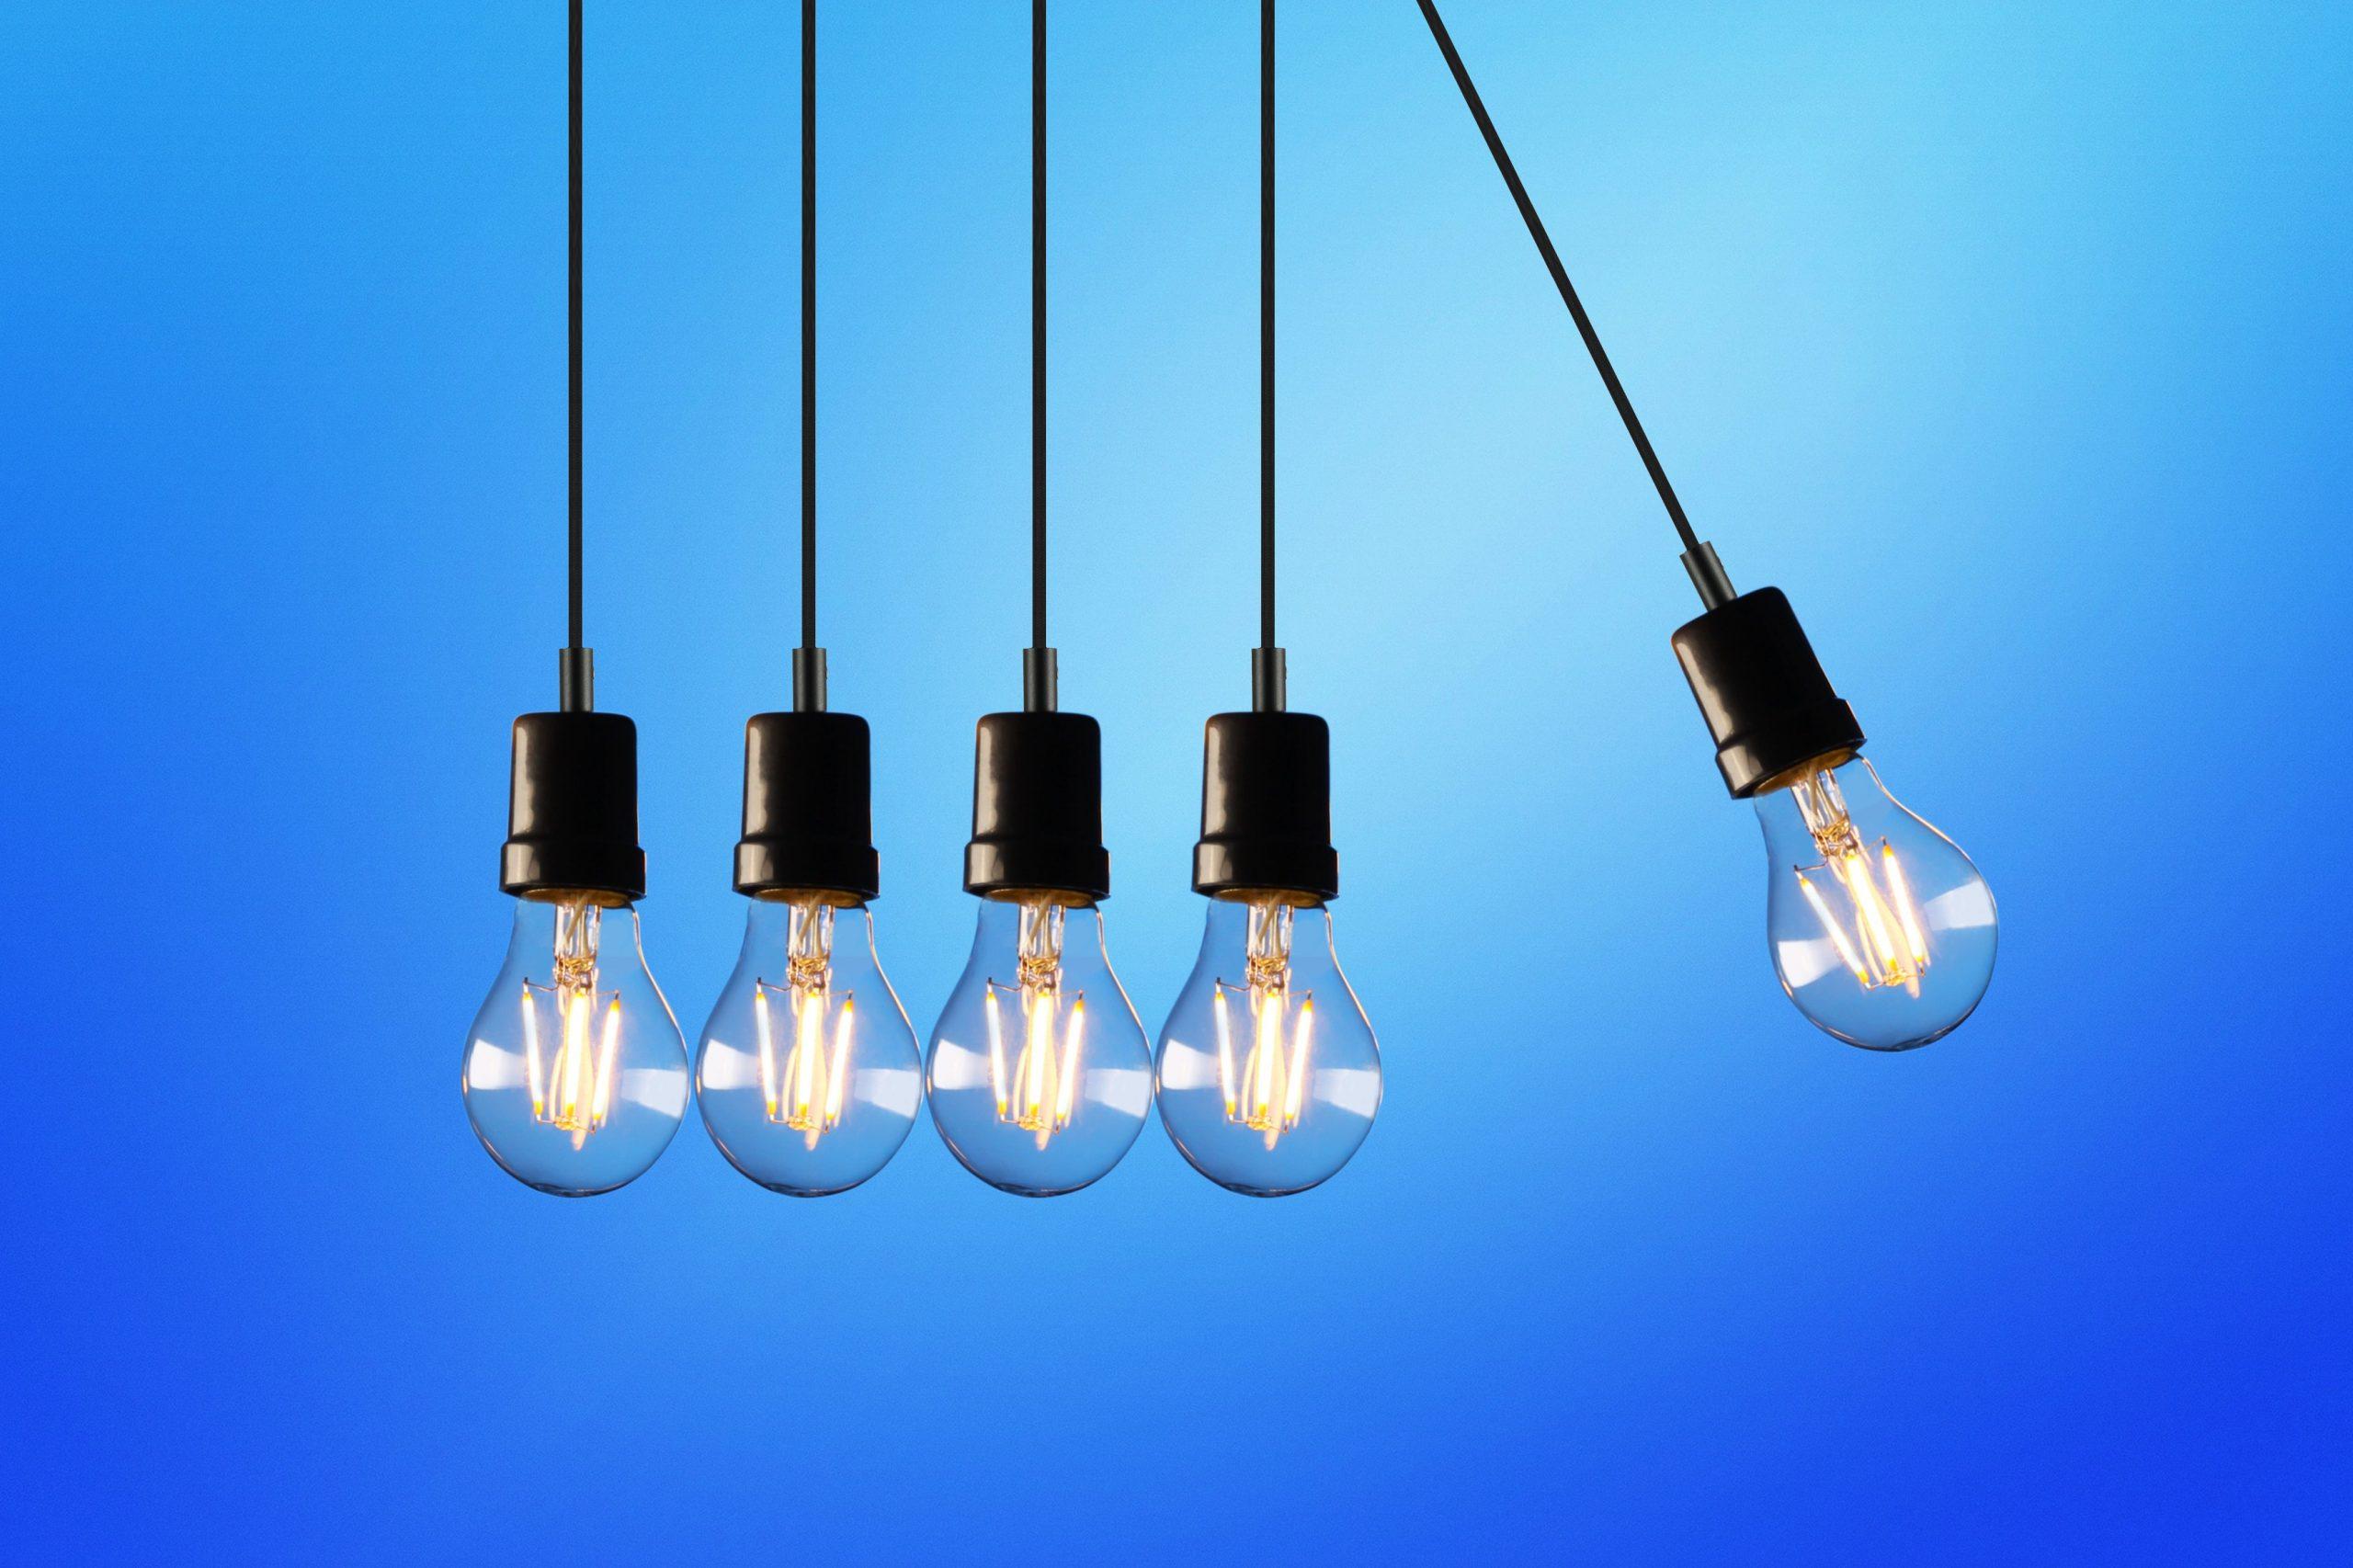 S'amplia el termini per a la sol•licitud dels ajuts per a actuacions d'eficiència energètica en PIME i gran empresa fins el 30 de juny de 2023